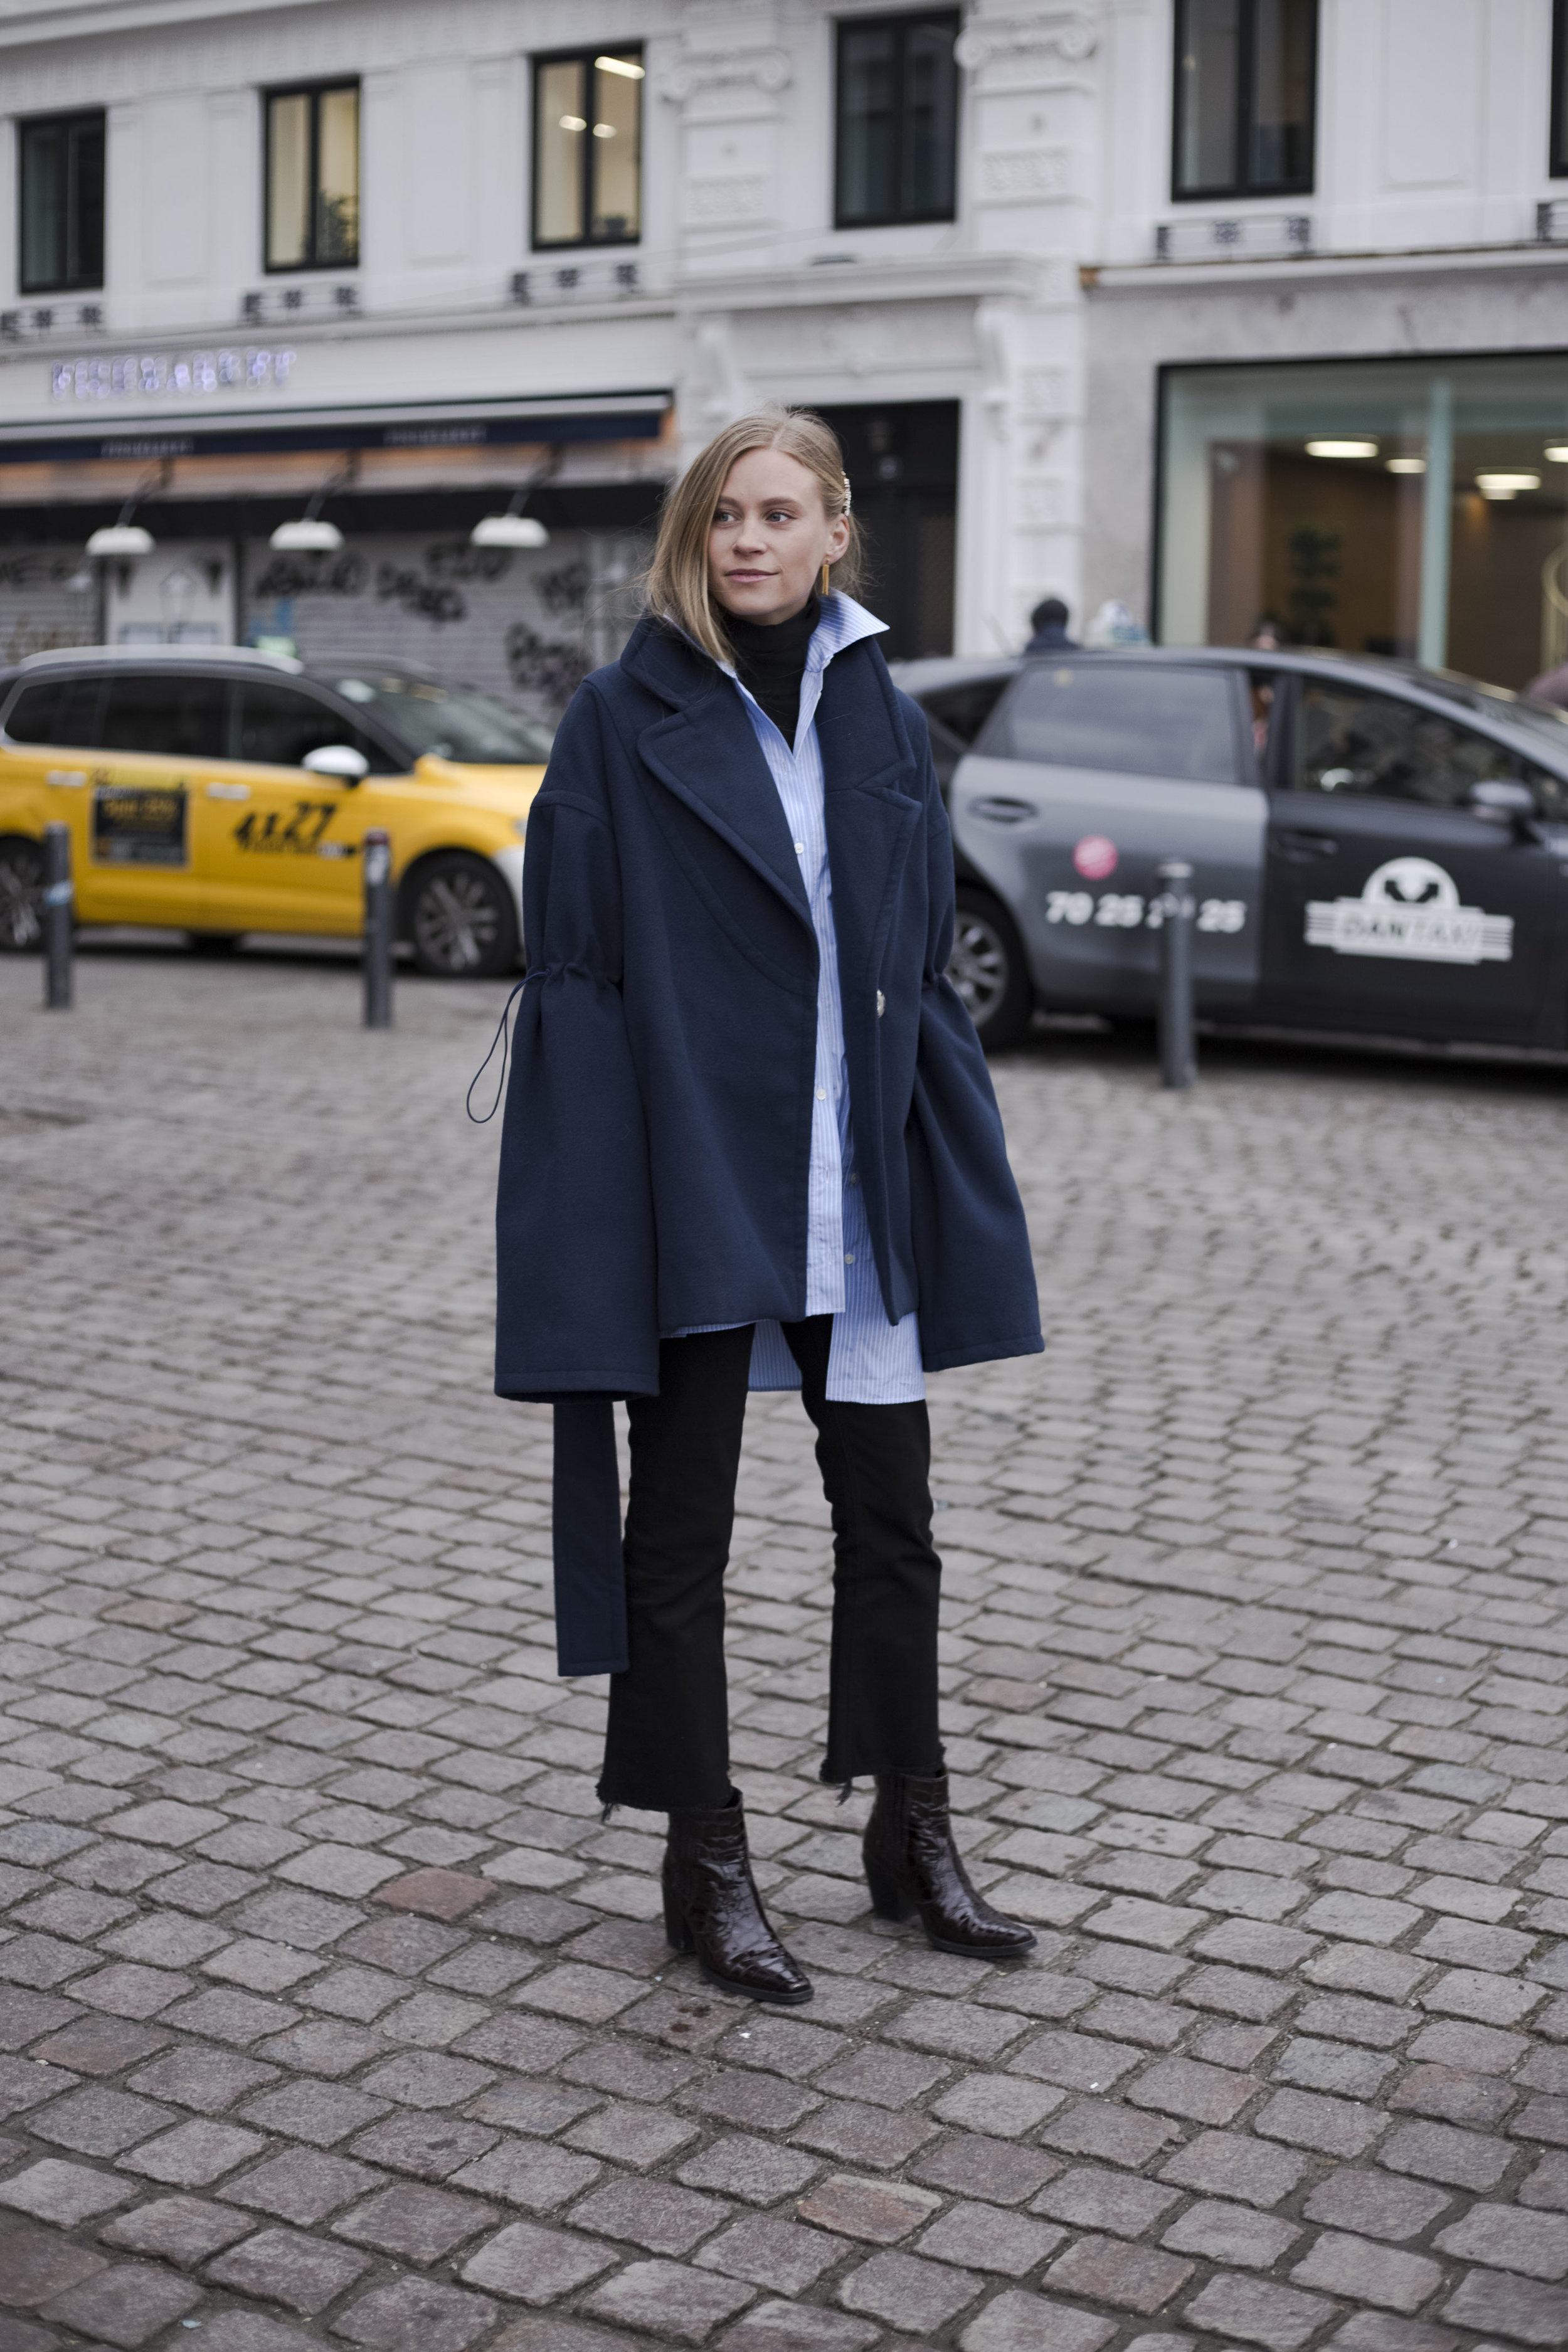 tine-andrea-copenhagen-fashionweek-scandinavian-street-style-streetstyle-thestreetland-fashion-best-style.jpg